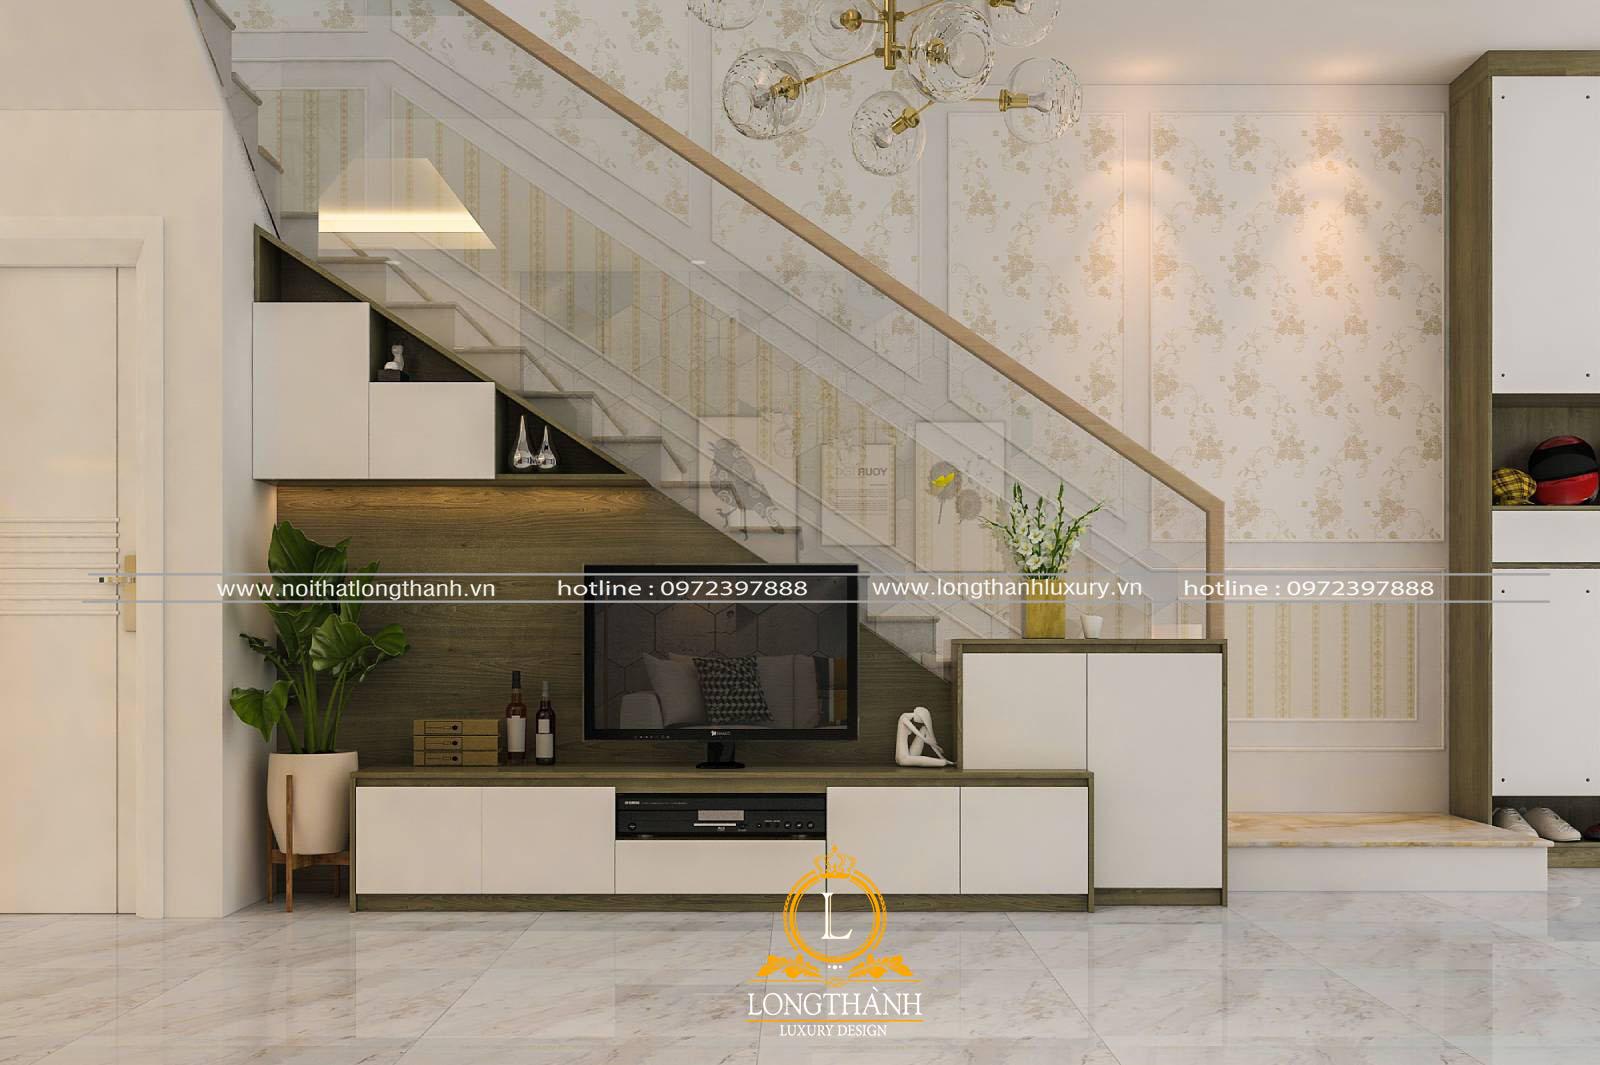 Trang trí kệ tivi dưới dầm cầu thang là điển hình cho thiết kế nhà phố